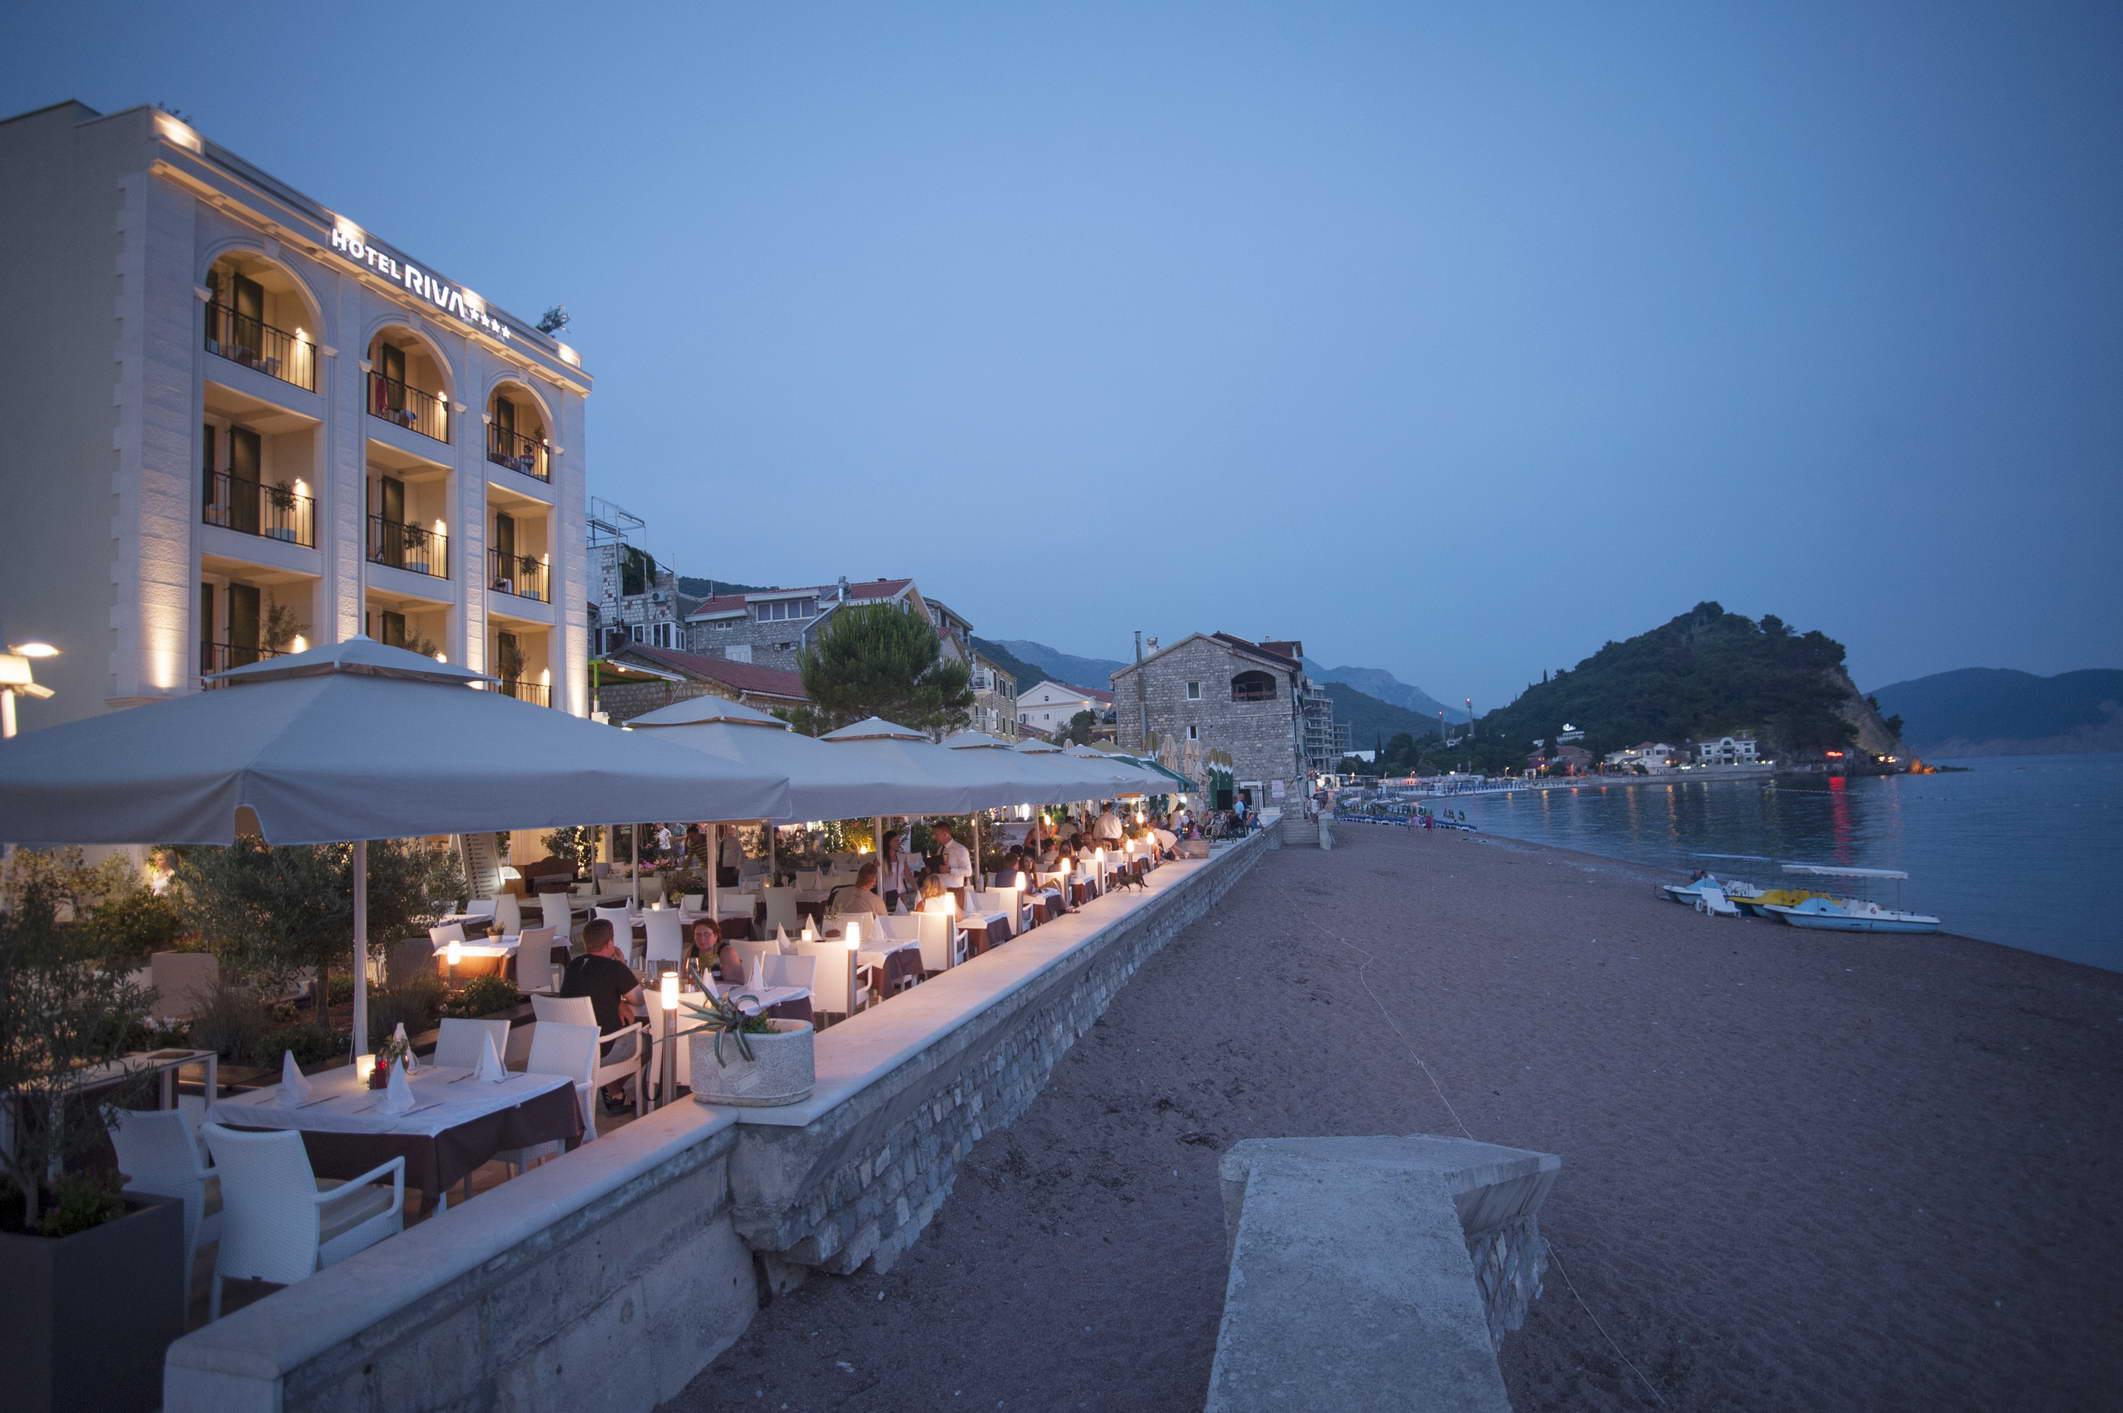 Hotel Riva cover photo